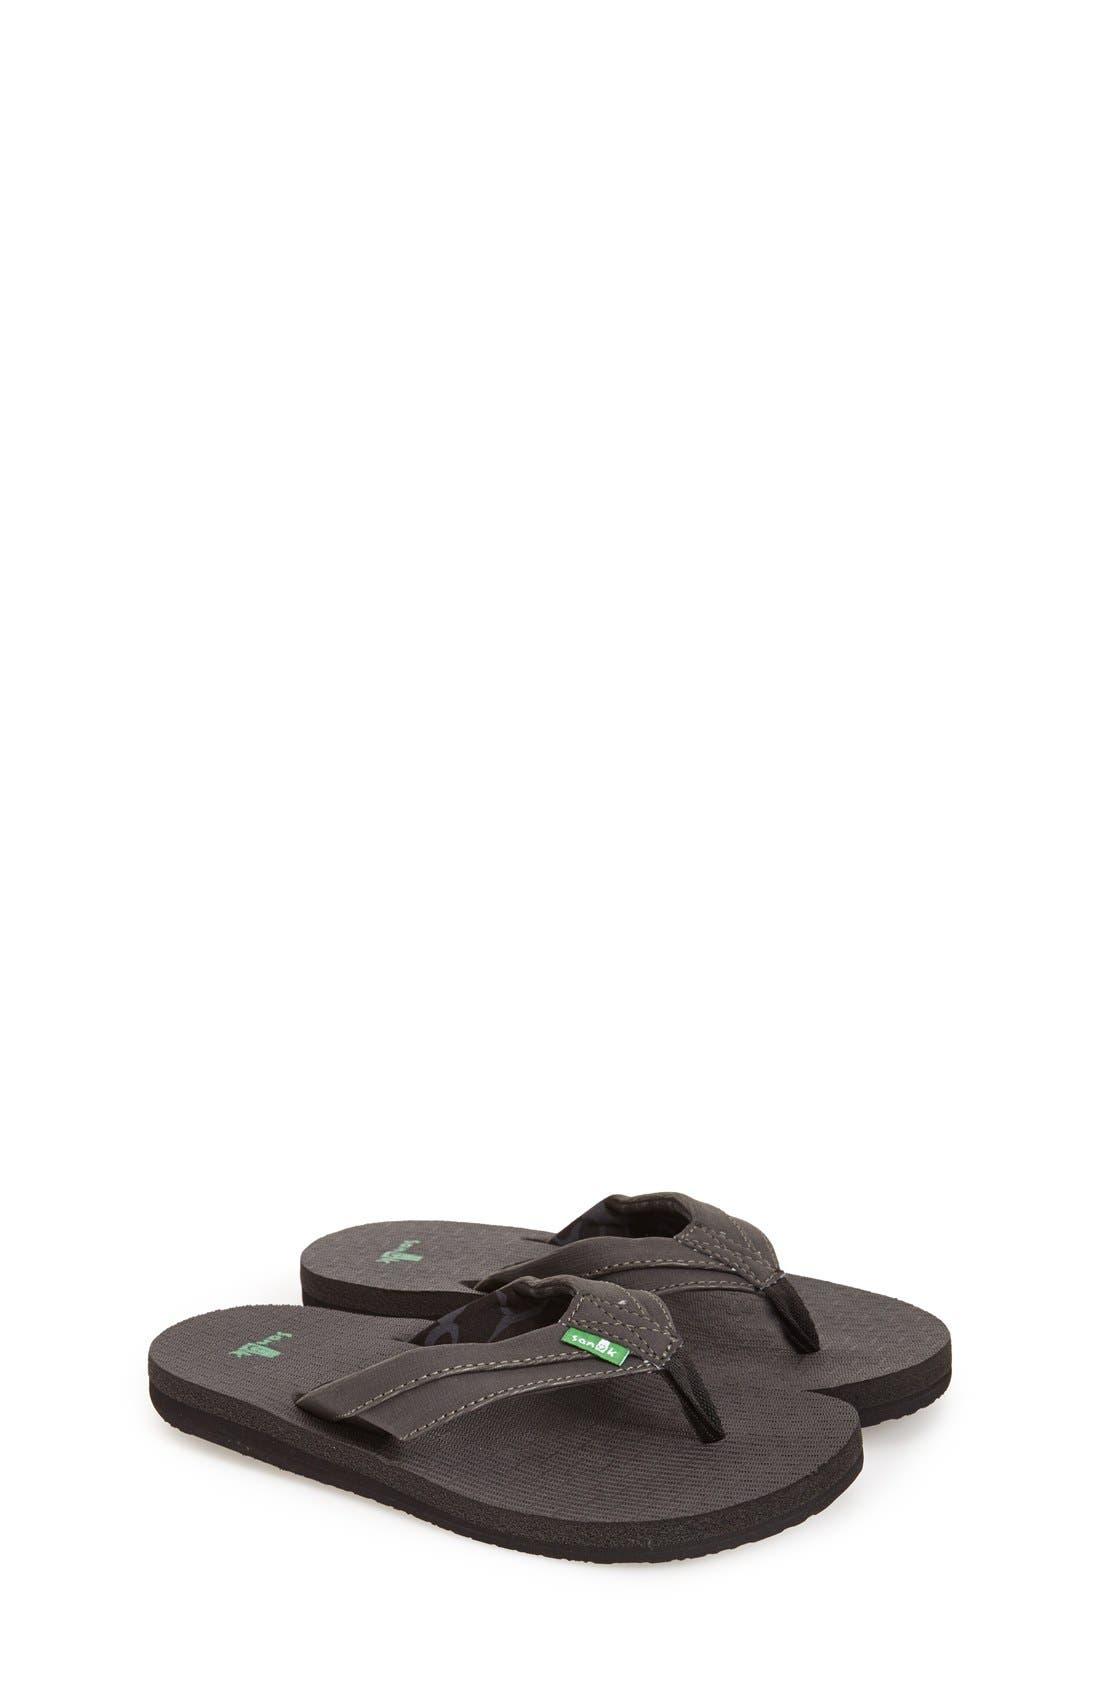 Sanuk 'Rootbeer Cozy' Lightweight Flip Flop Sandal (Toddler, Little Kid & Big Kid)